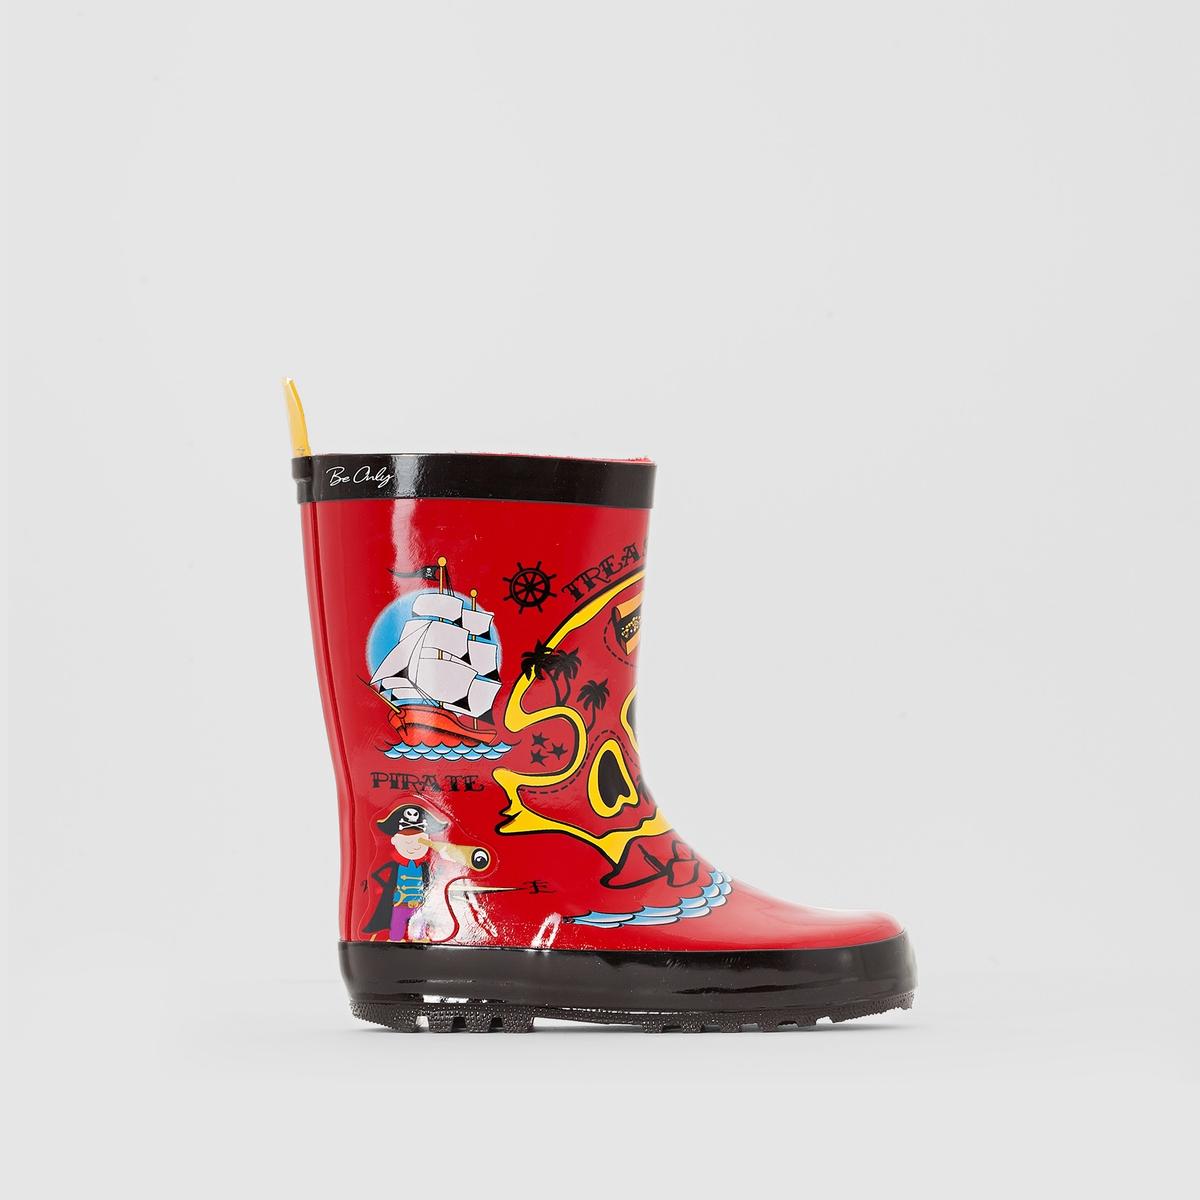 СапогиВерх/Голенище: каучук               Подкладка: текстиль       Стелька: текстиль       Подошва: каучук       Высота каблука: 16,5 см       Форма каблука: широкий       Мысок: закругленный       Застежка: без застежки<br><br>Цвет: красный